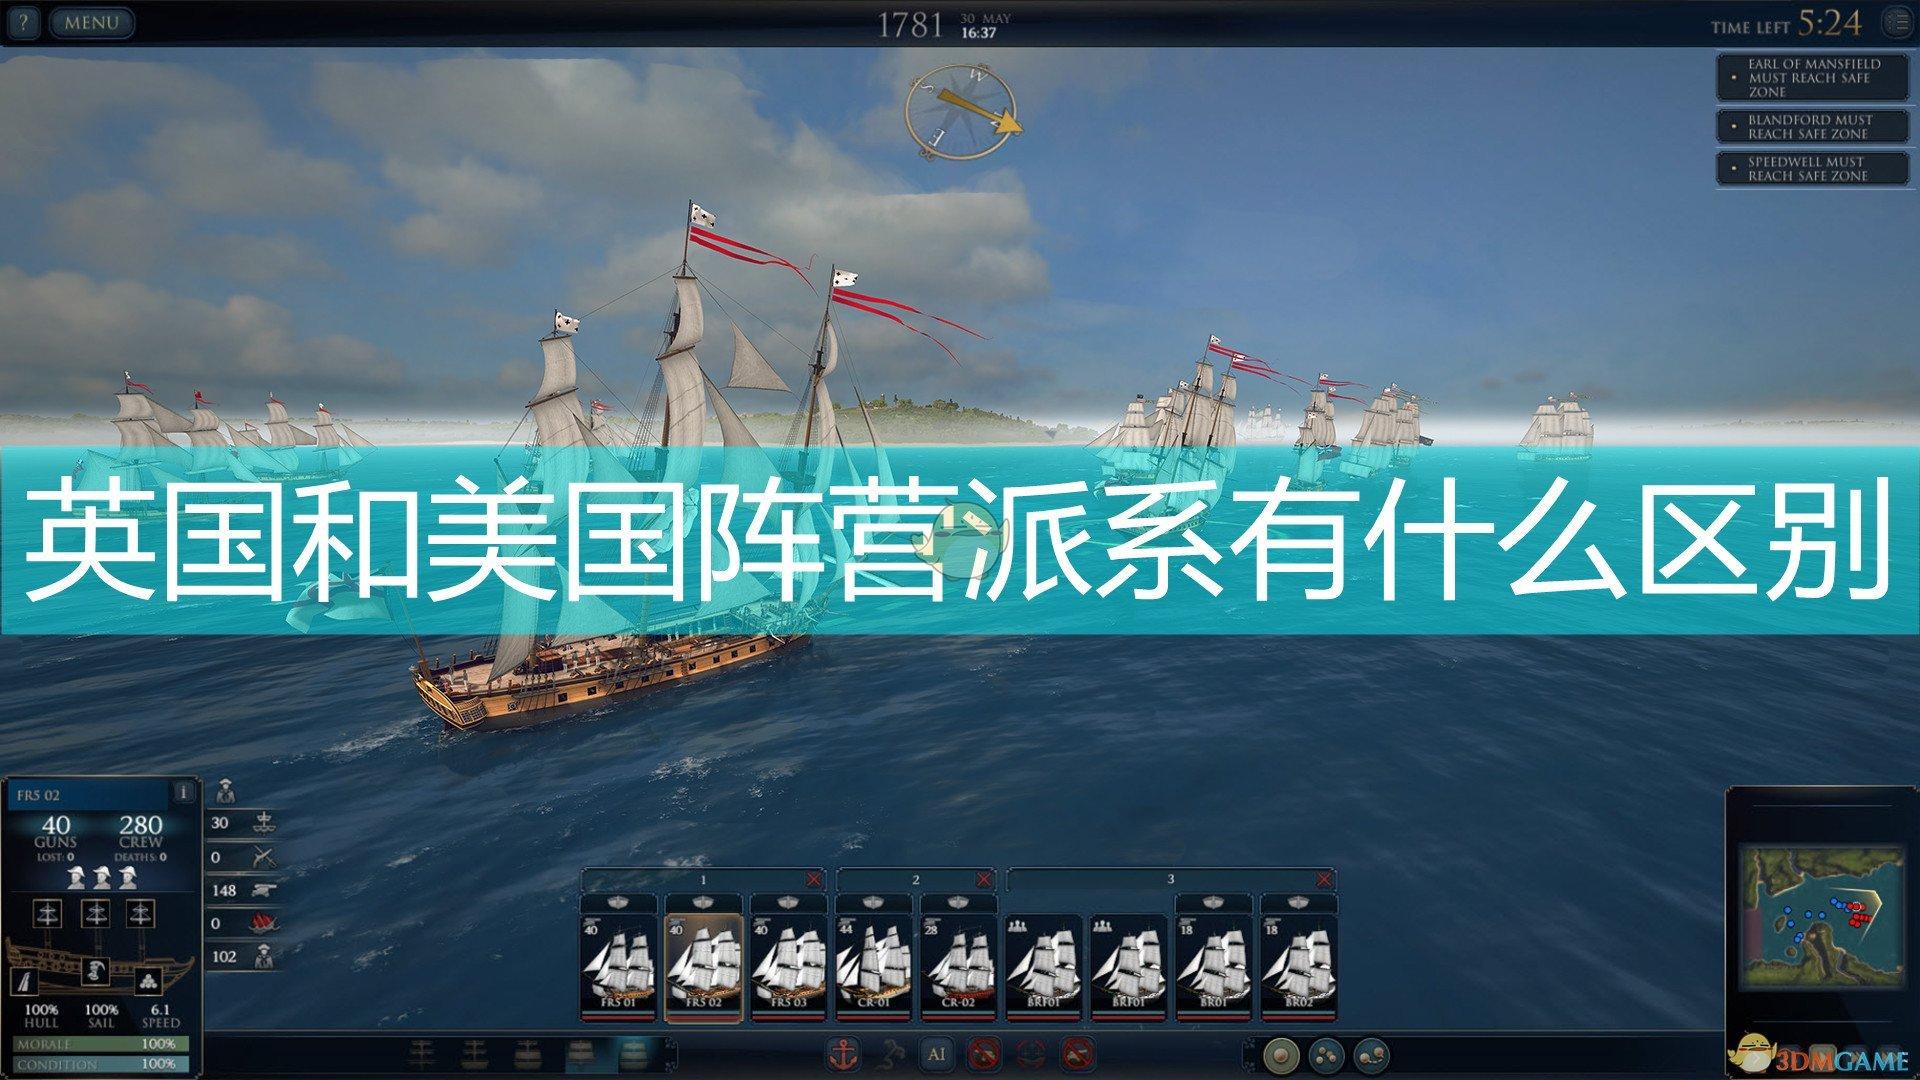 《终极提督:航海时代》英国美国阵营派系区别介绍